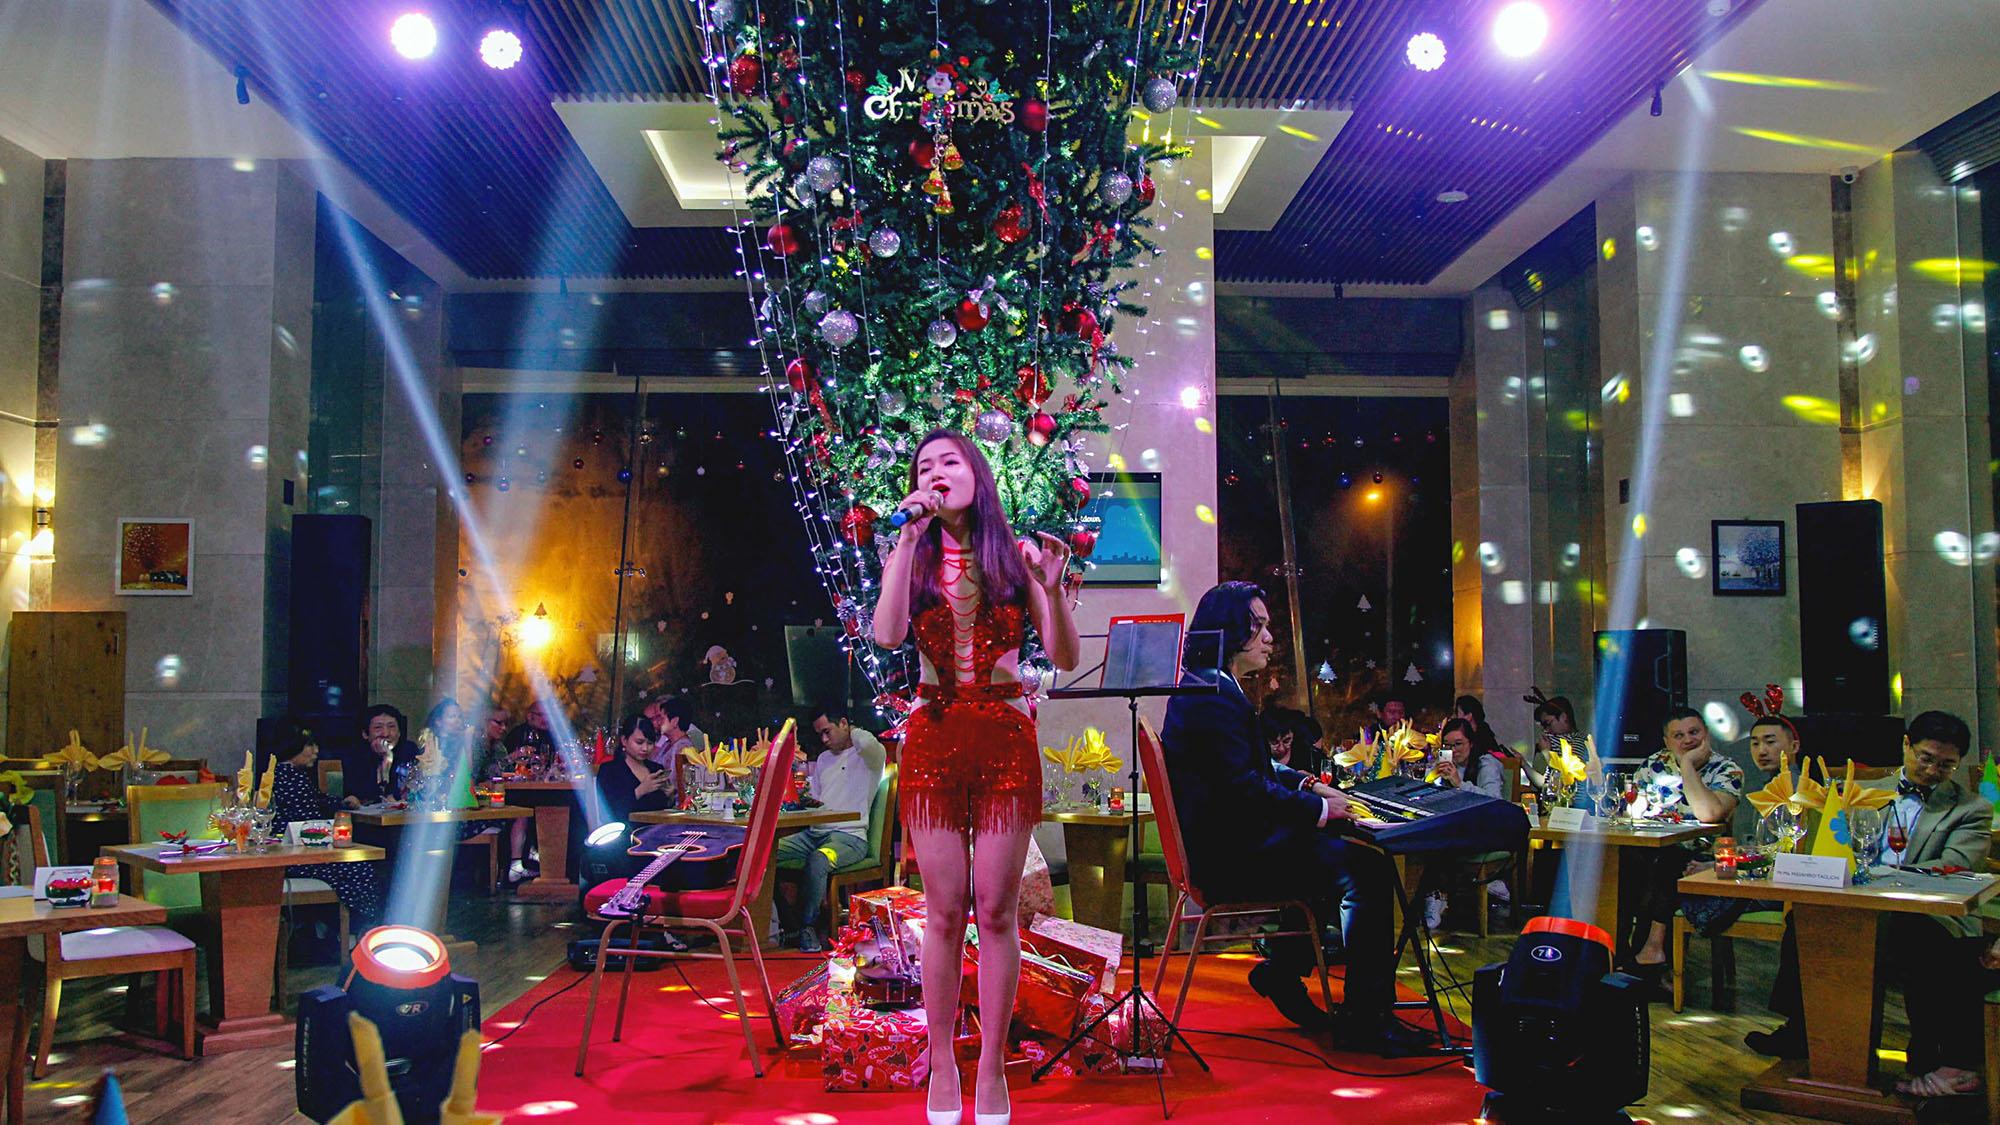 Da Tiec Giang Sinh Va Nam Moi Tai Khach San Diamond Sea Hotel Danang Cac Su Kien Noi Bat Da Nang Thang 11 Chao Mua Dong